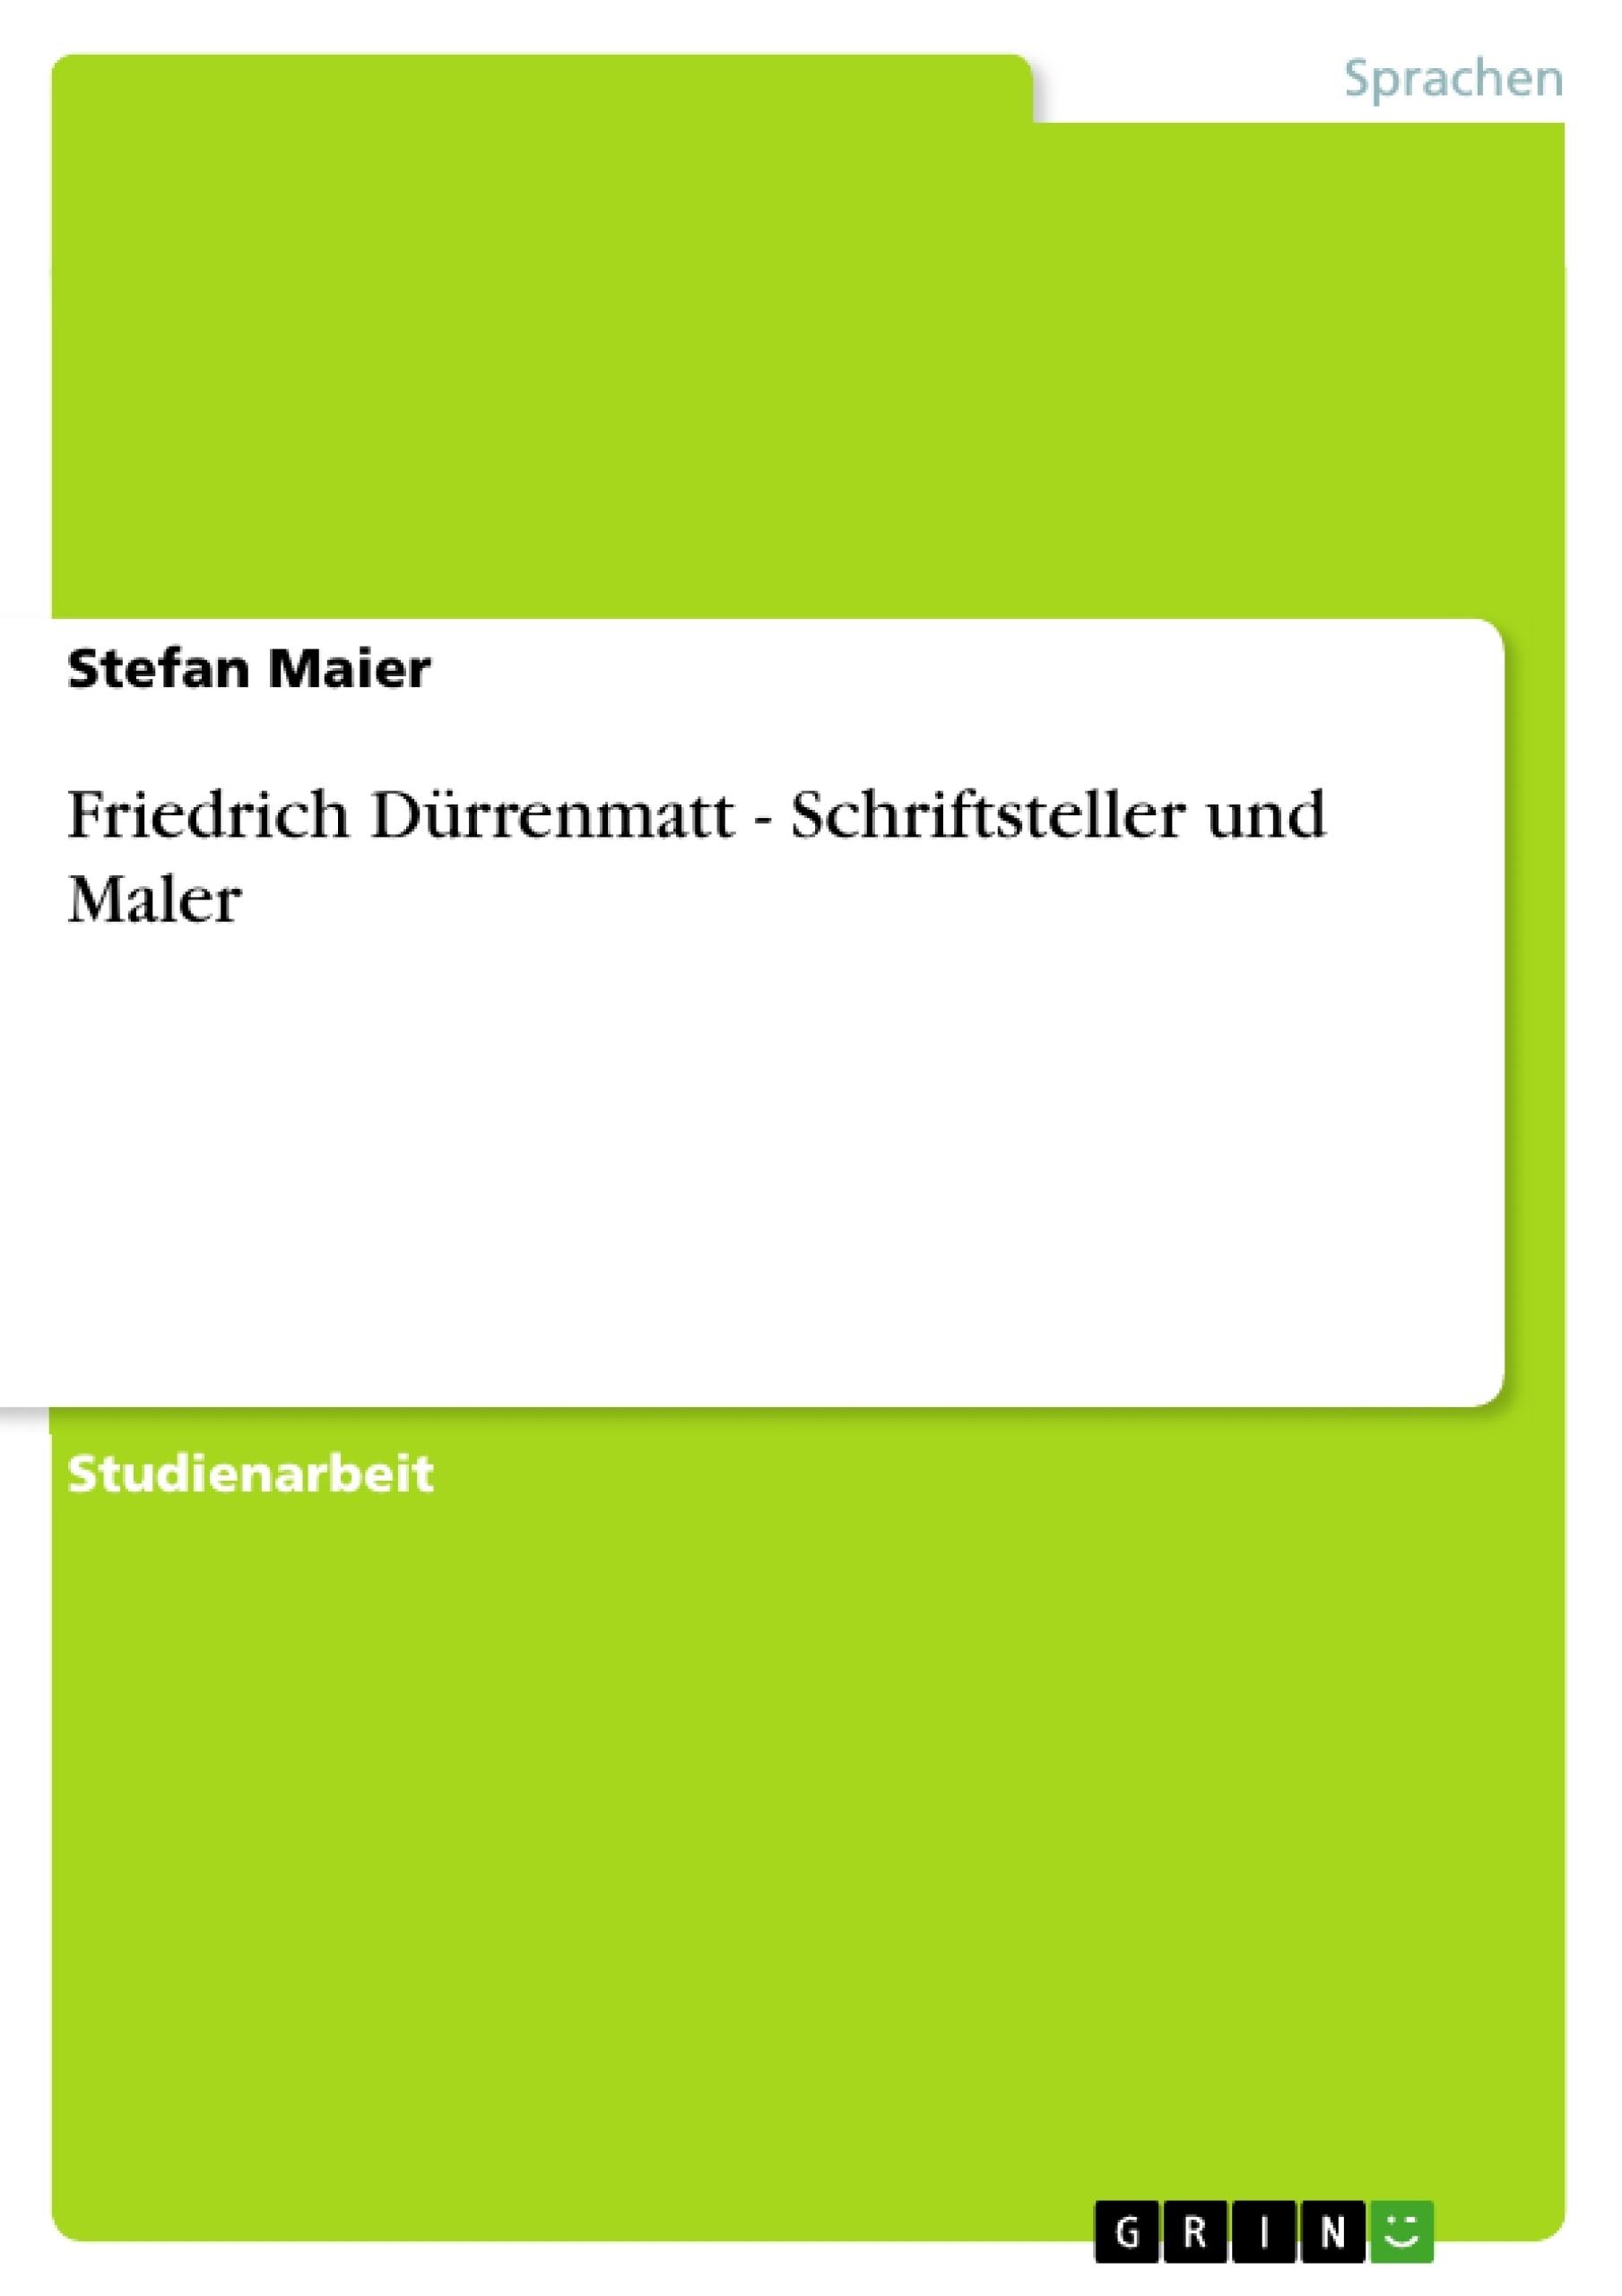 Titel: Friedrich Dürrenmatt - Schriftsteller und Maler